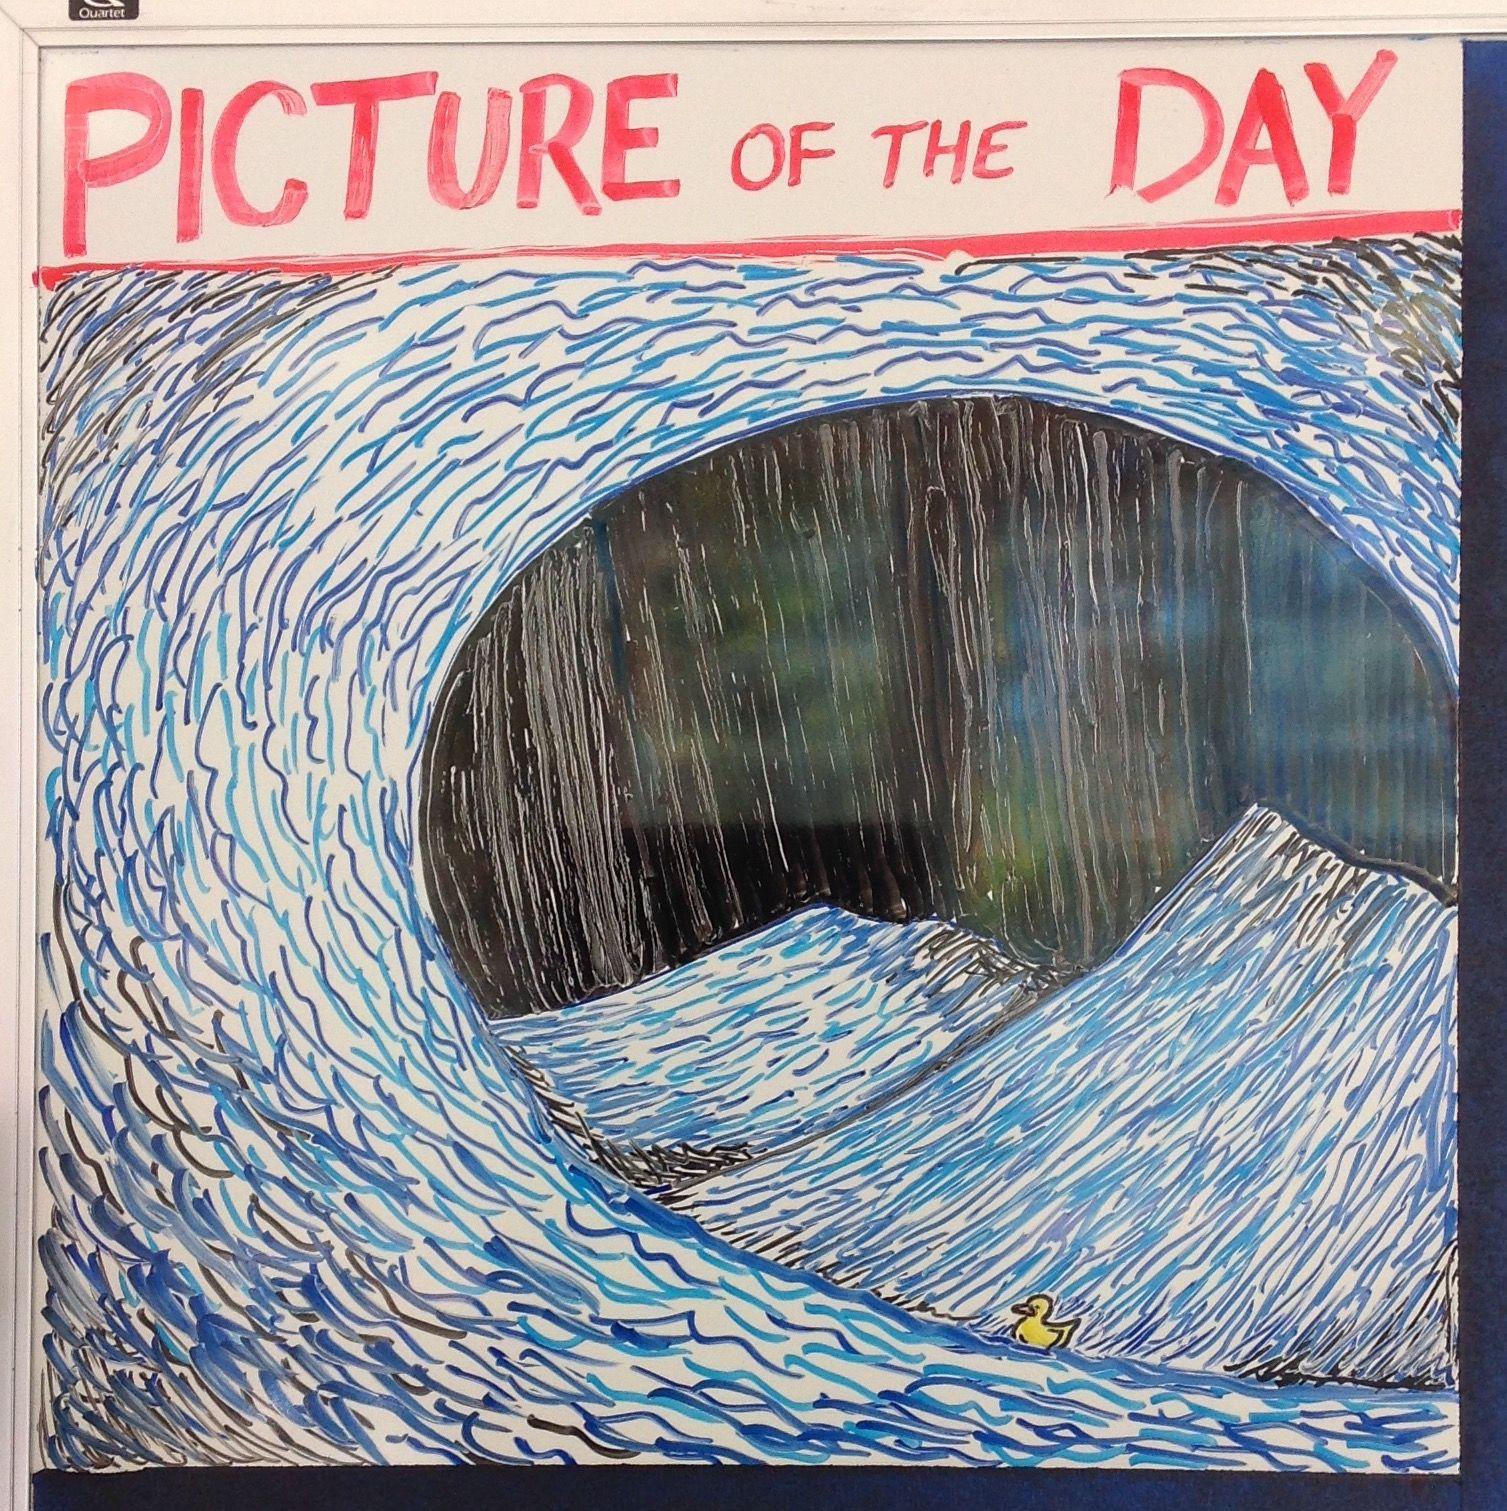 先生が授業前に描く今日の一枚『PICTURE OF THE DAY』